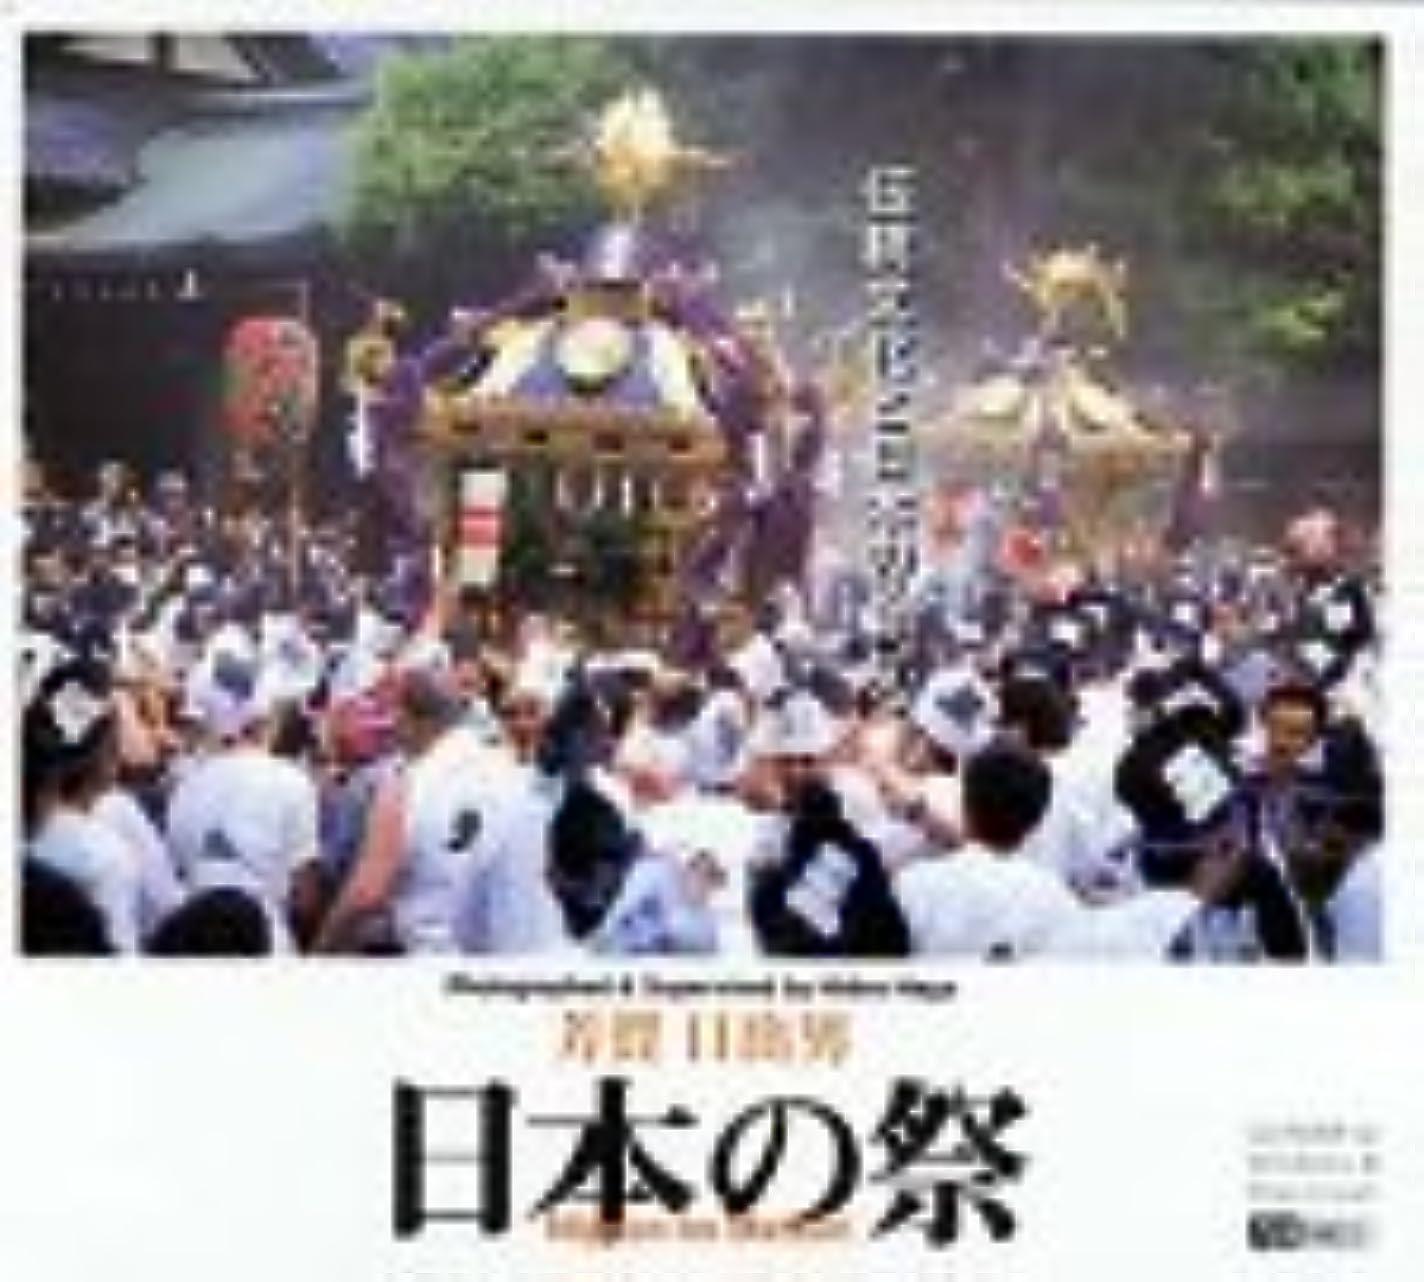 間違い株式アスレチック日本の祭 - 伝統文化と日本のこころ -